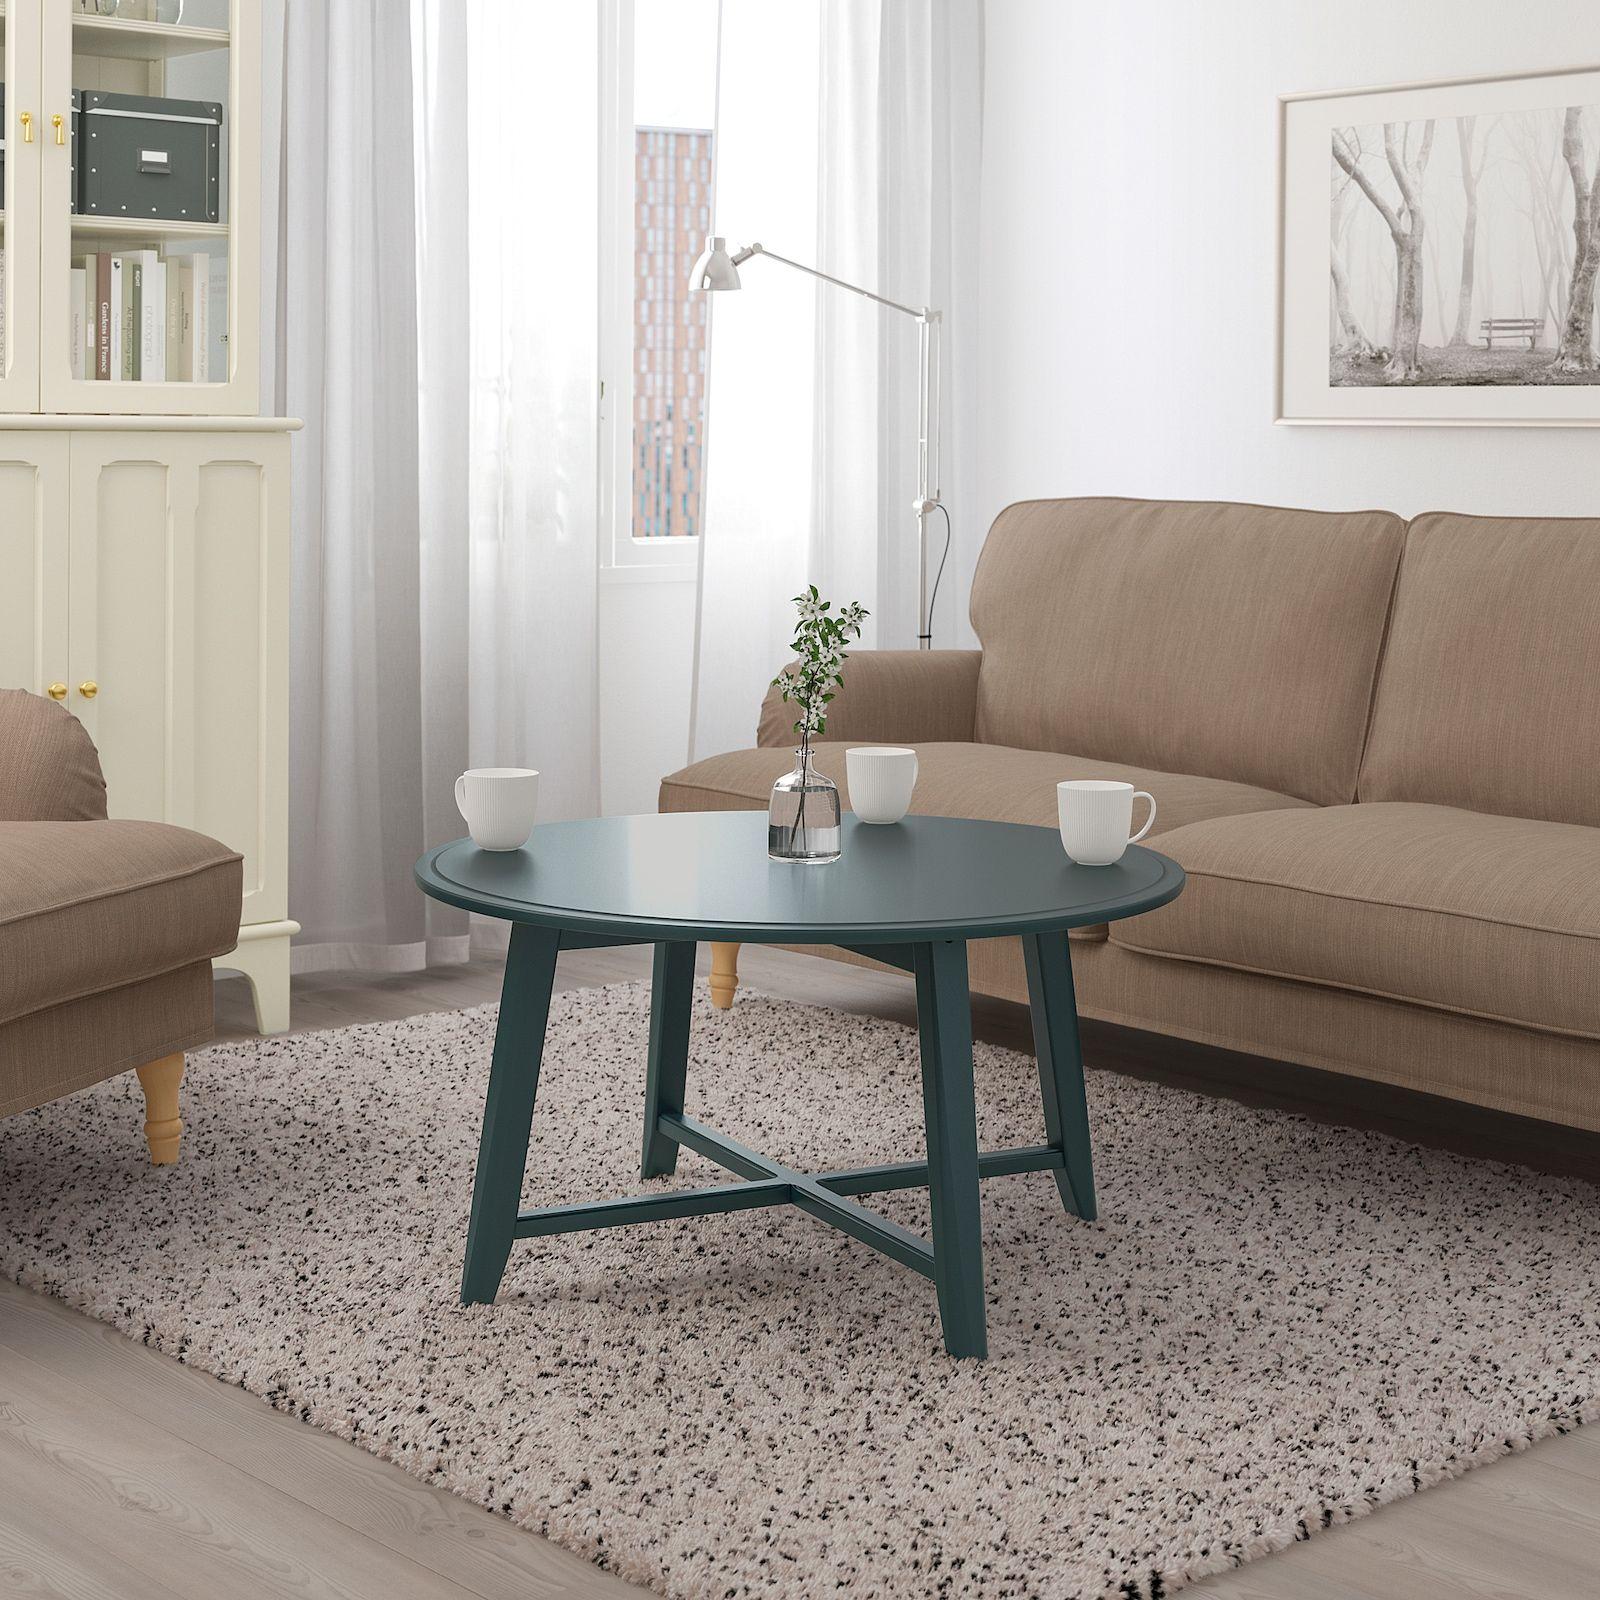 Coffee Side Tables Buy Online In Store Ikea [ 785 x 1400 Pixel ]